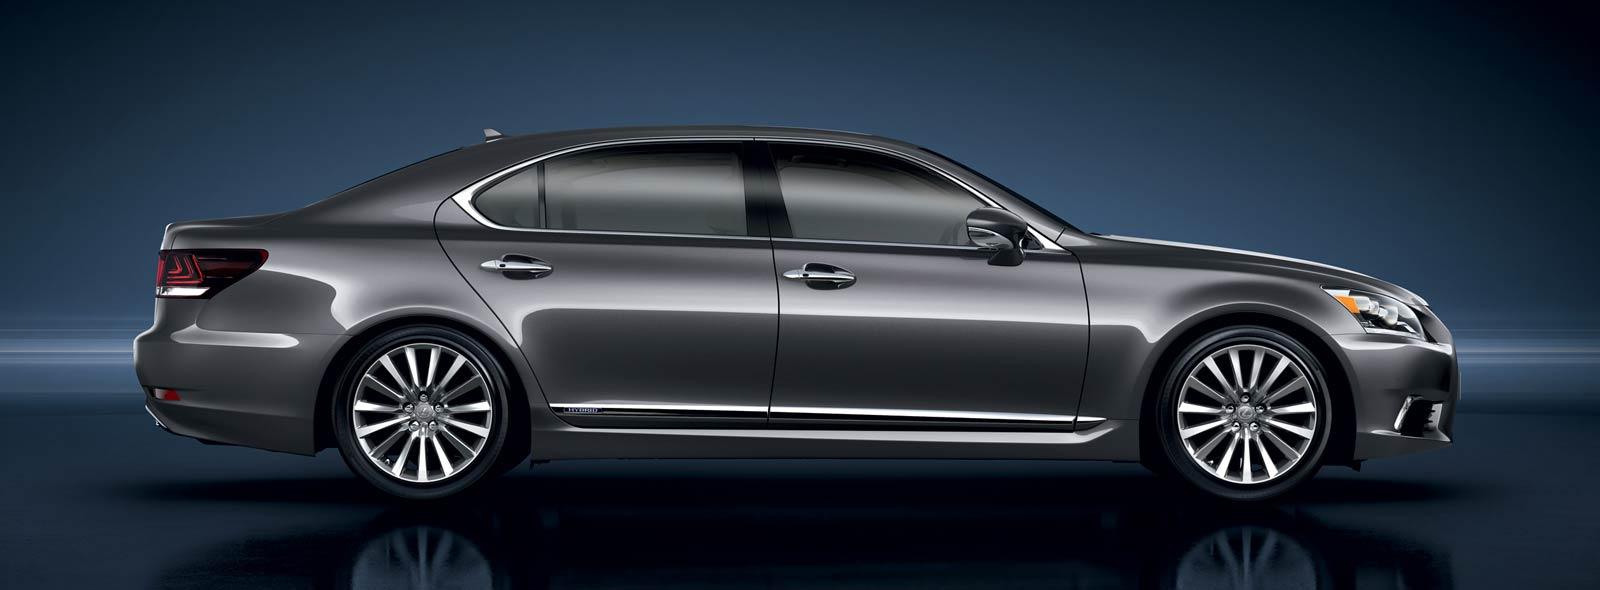 Vista lateral del Lexus LS 600h L gris sobre fondo virtual